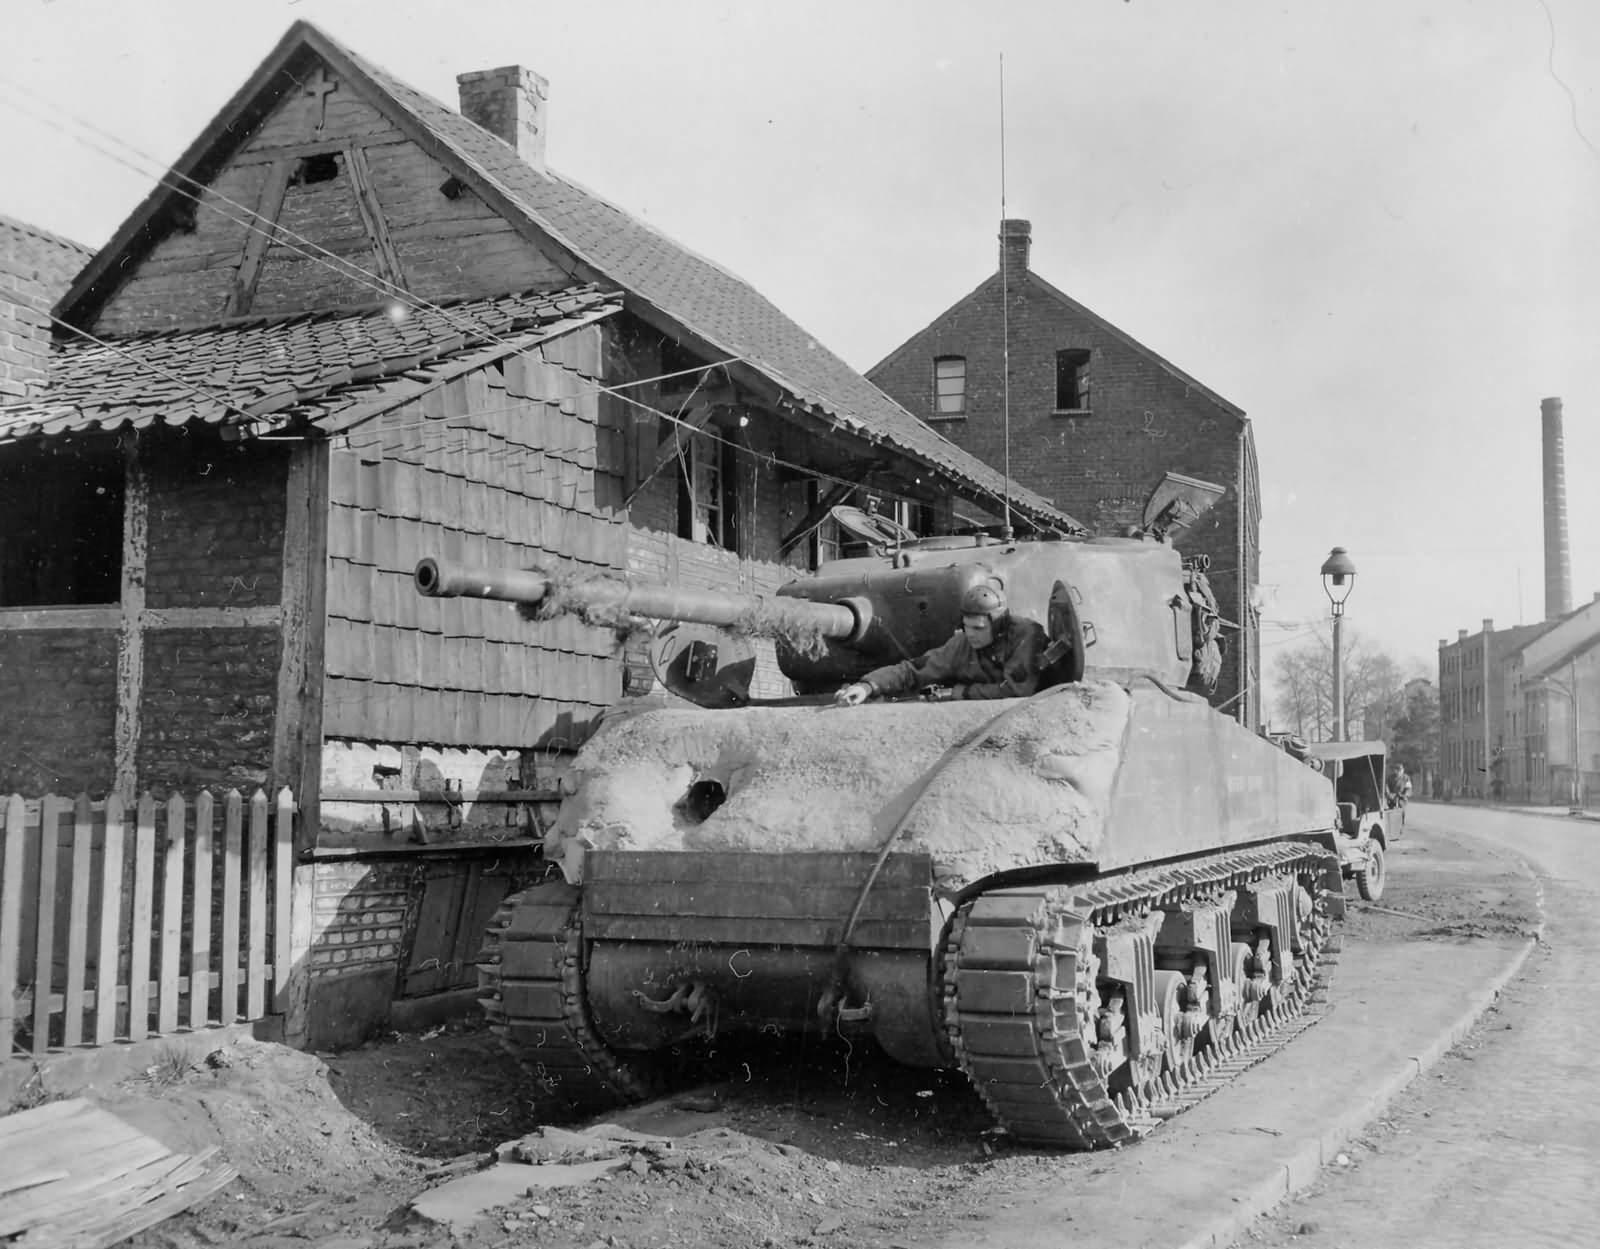 M4 76 with Concrete Armor 2nd armored division 1945 - Un Sherman M4/76 de la 2nd armored division avec un blindage ajouté en ciment, en 1945